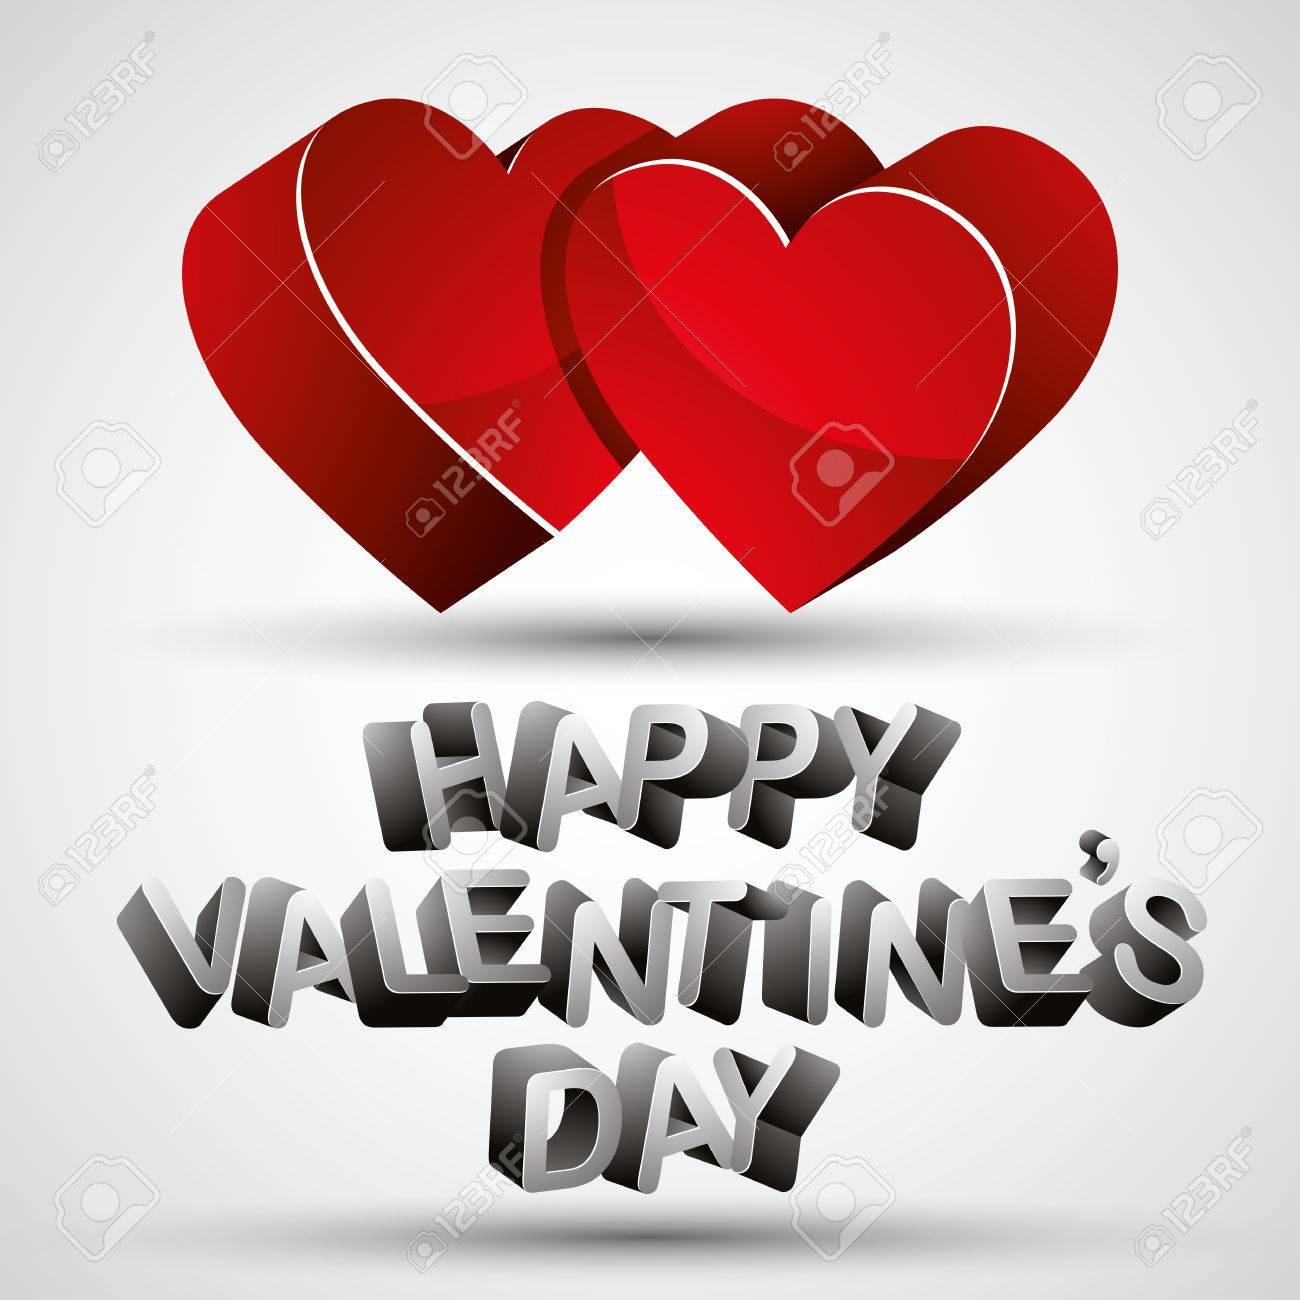 Feliz Día De San Valentín Frase Hecha Con Letras 3d Y Dos Corazones Rojos Sobre Fondo Blanco Tarjeta De San Valentín Vector